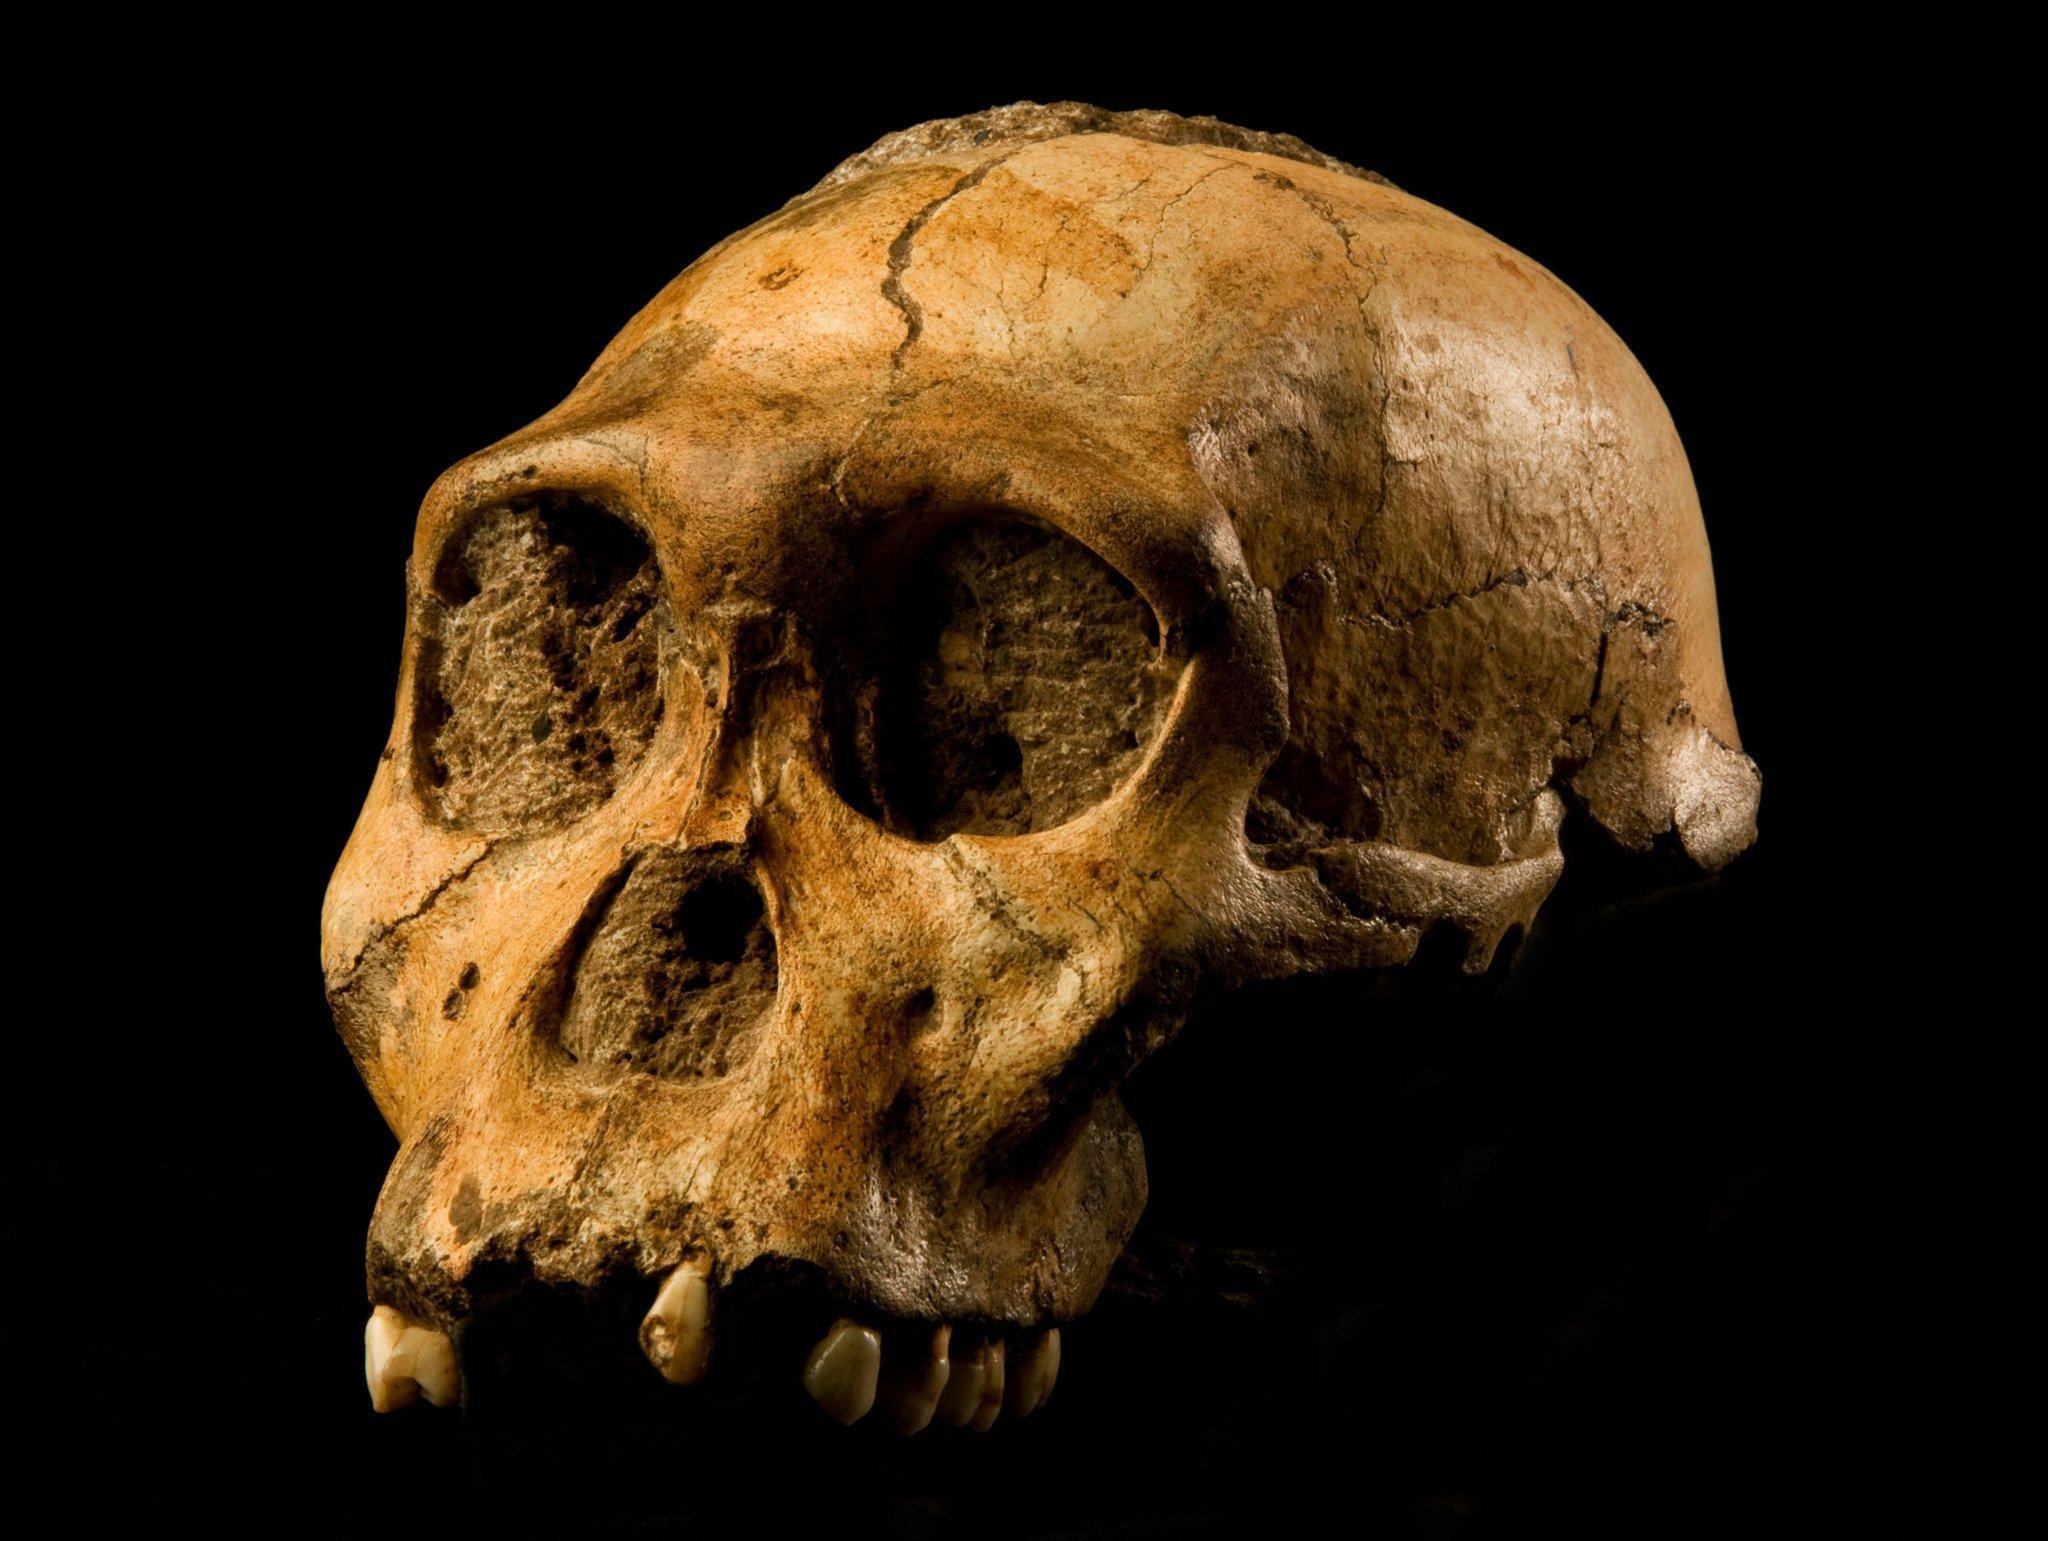 Auf dem Foto ist der sehr gut erhaltene, knapp zwei Millionen Jahre alte Schädel von Australopithecus sediba zu sehen. Der Vormensch wirkt noch affenähnlich und hatte ein recht kleinen Gehirn mit nur 420Kubikzentimeter Volumen. Das ist kaum größer als das Gehirn eines Schimpansen. Der in Südafrika gefundene Vormensch lebte zeitgleich mit den ersten Vertretern der Gattung Homo.